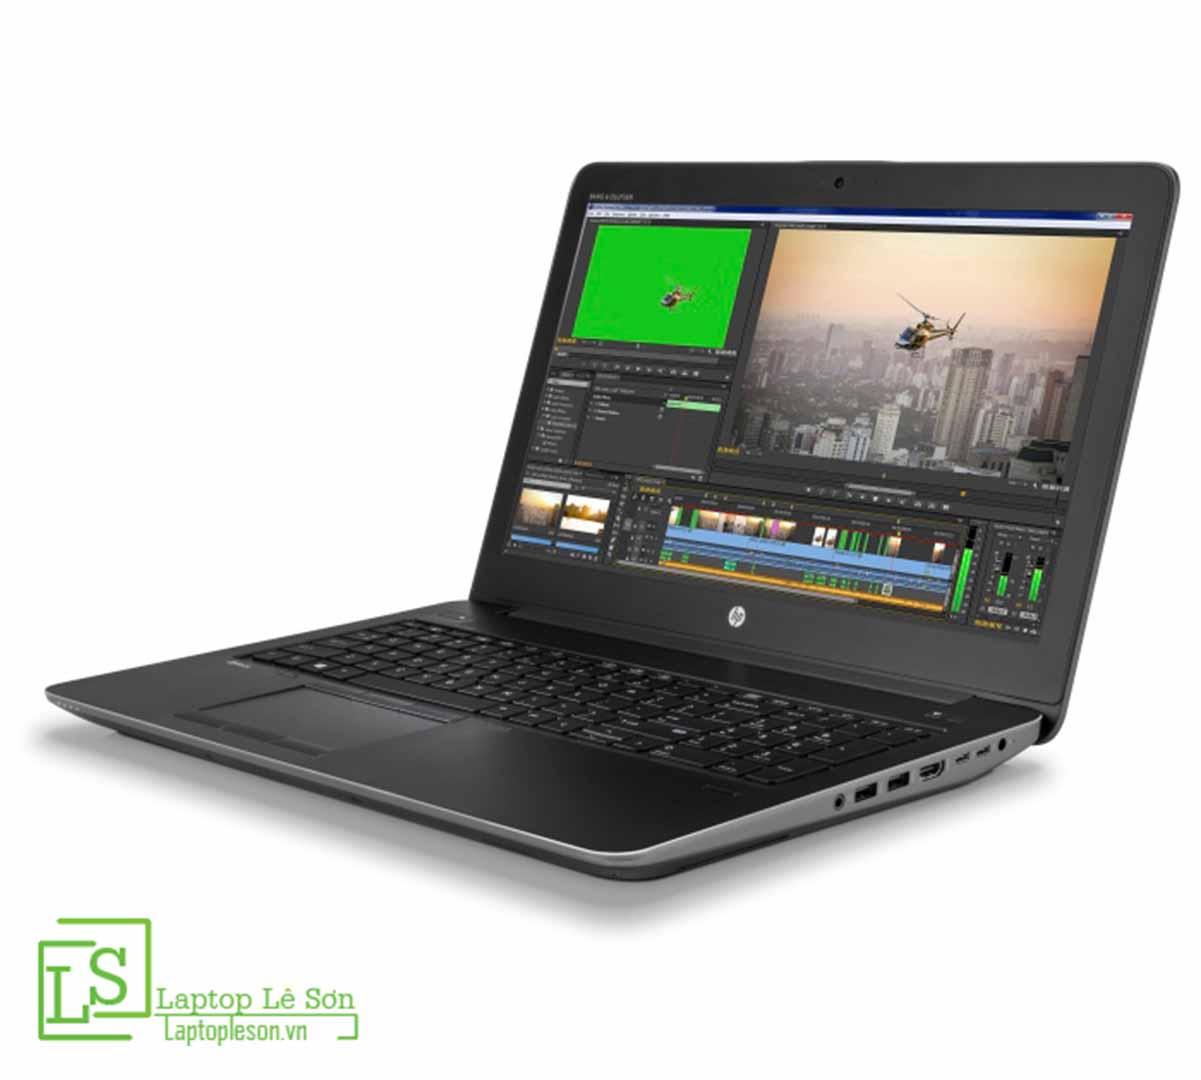 Đánh giá laptop workstation về THIẾT KẾ